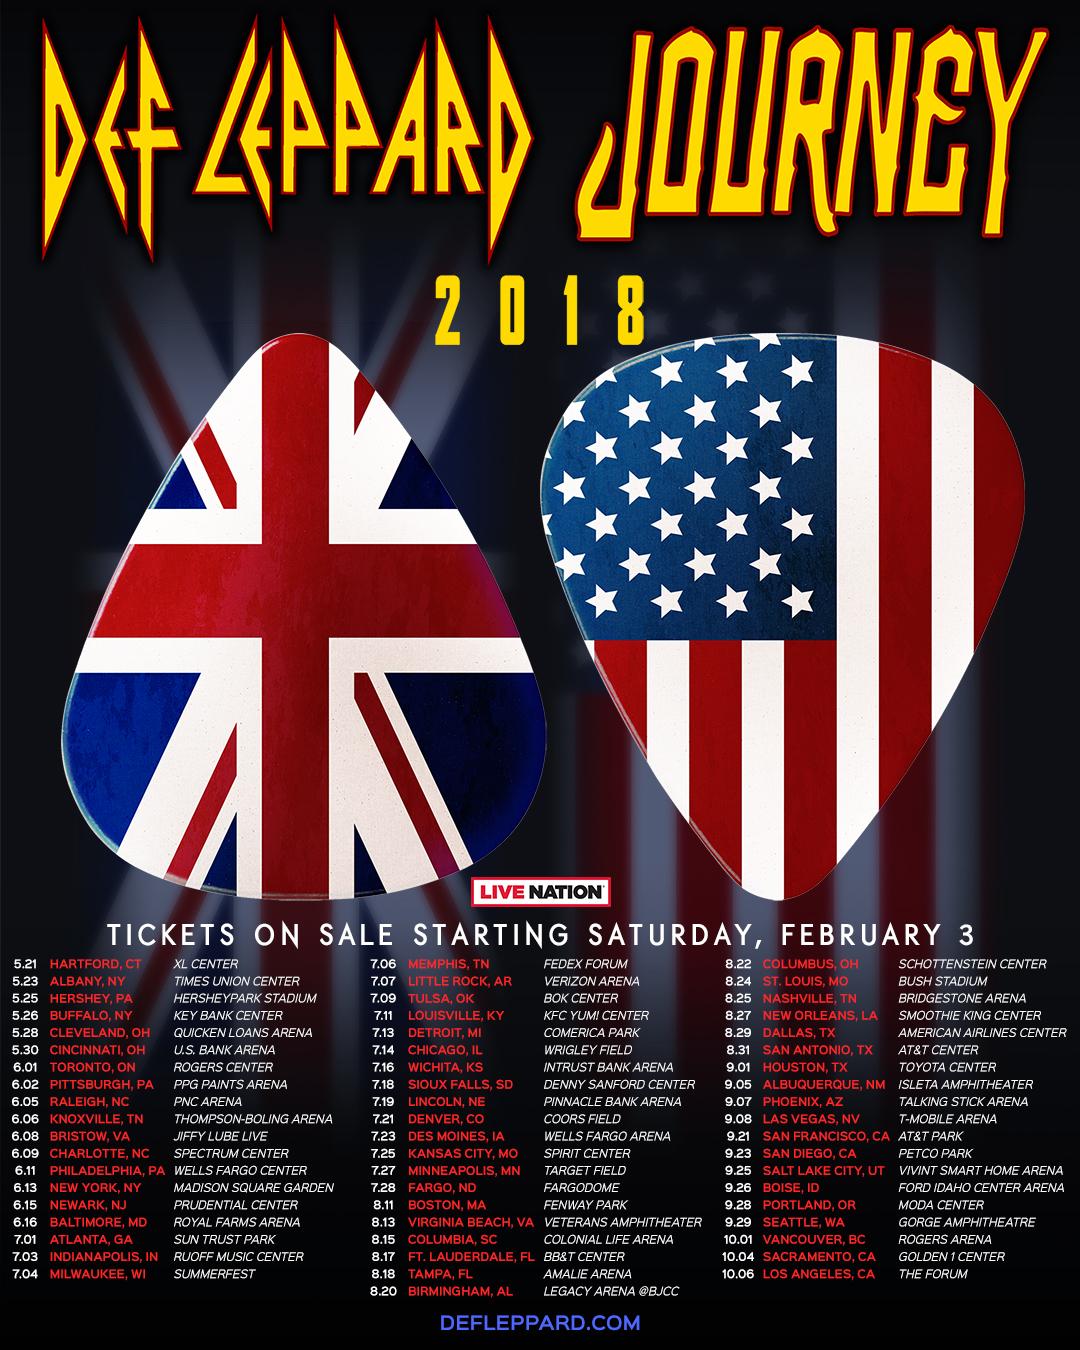 Def Leppard Journey Tour 2020.Tour Def Leppard